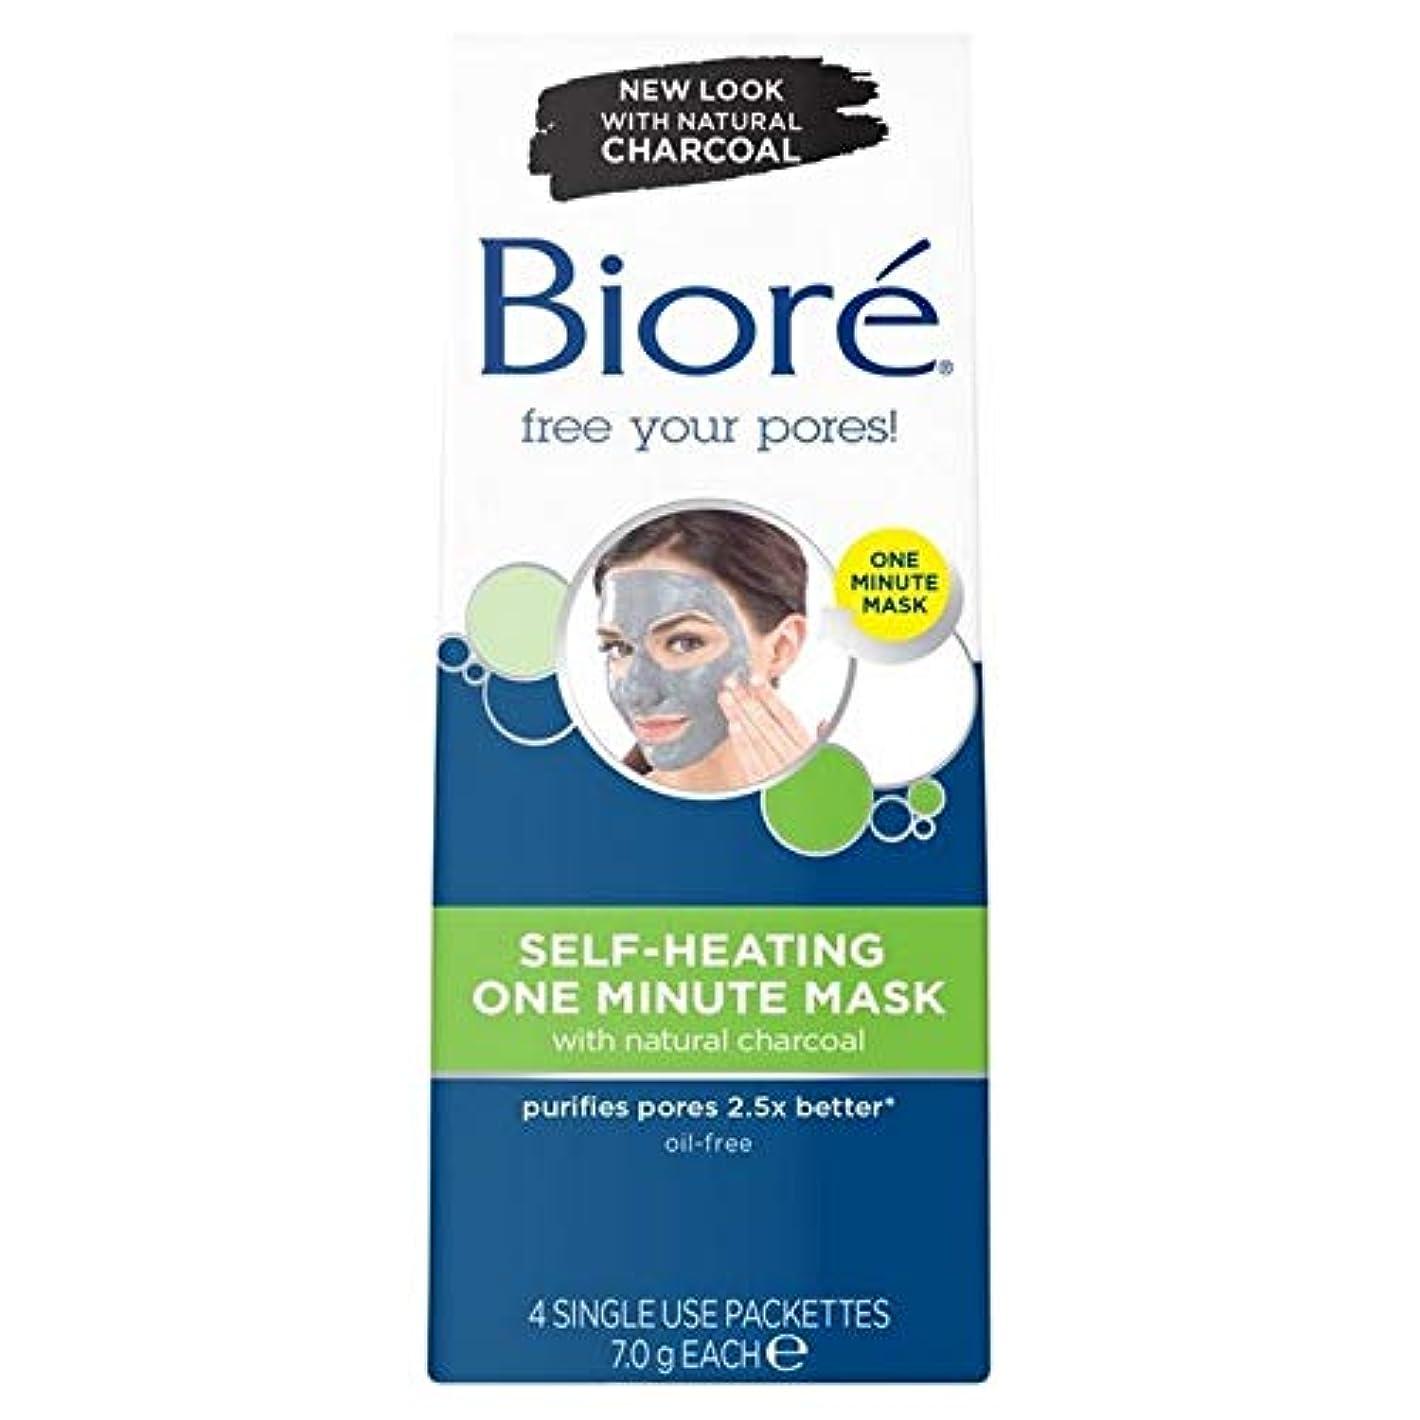 ソブリケット確率大脳[Biore] ビオレ自己発熱1分マスク4×7グラム - Biore Self Heating One Minute Mask 4 x 7g [並行輸入品]